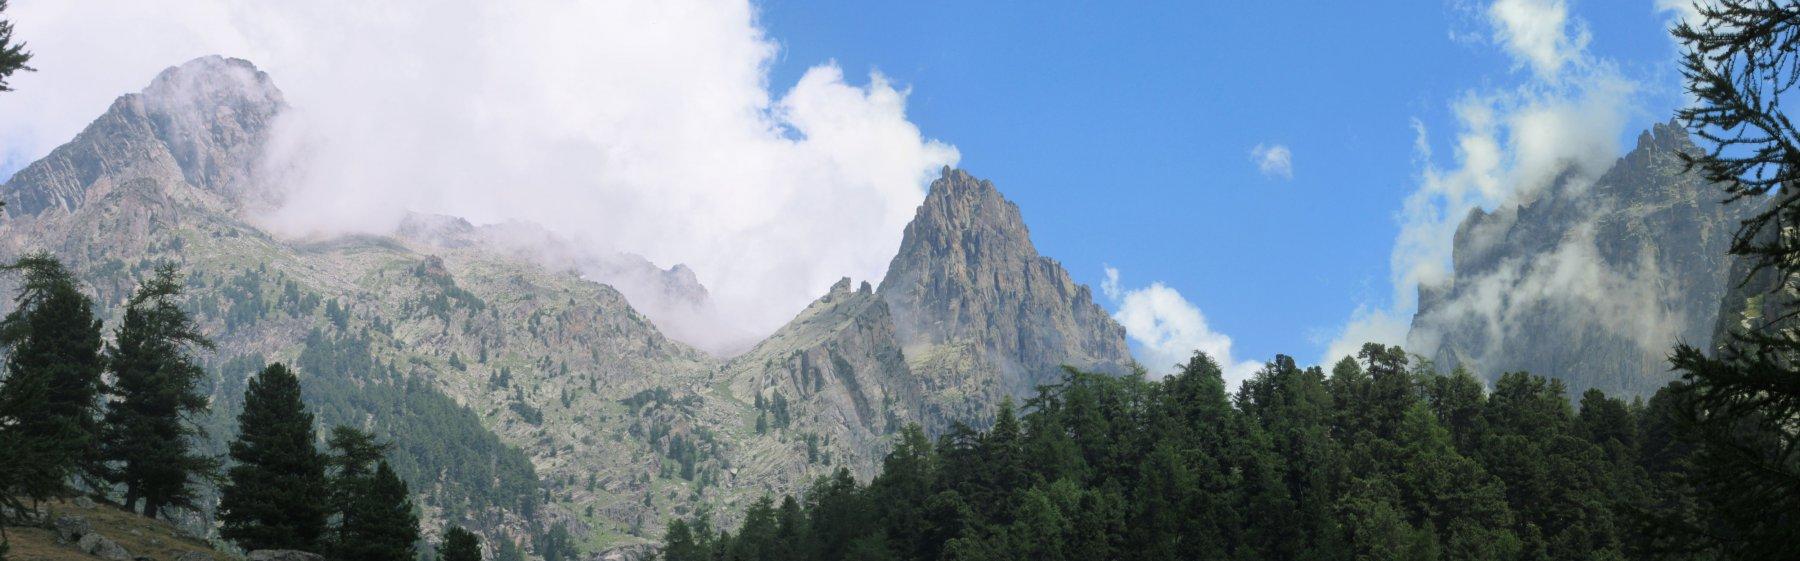 La nebbia avvolge le Rocce di Viso (a dx) Guglia delle Forcioline e Rocca delle Forcioline (a sx)